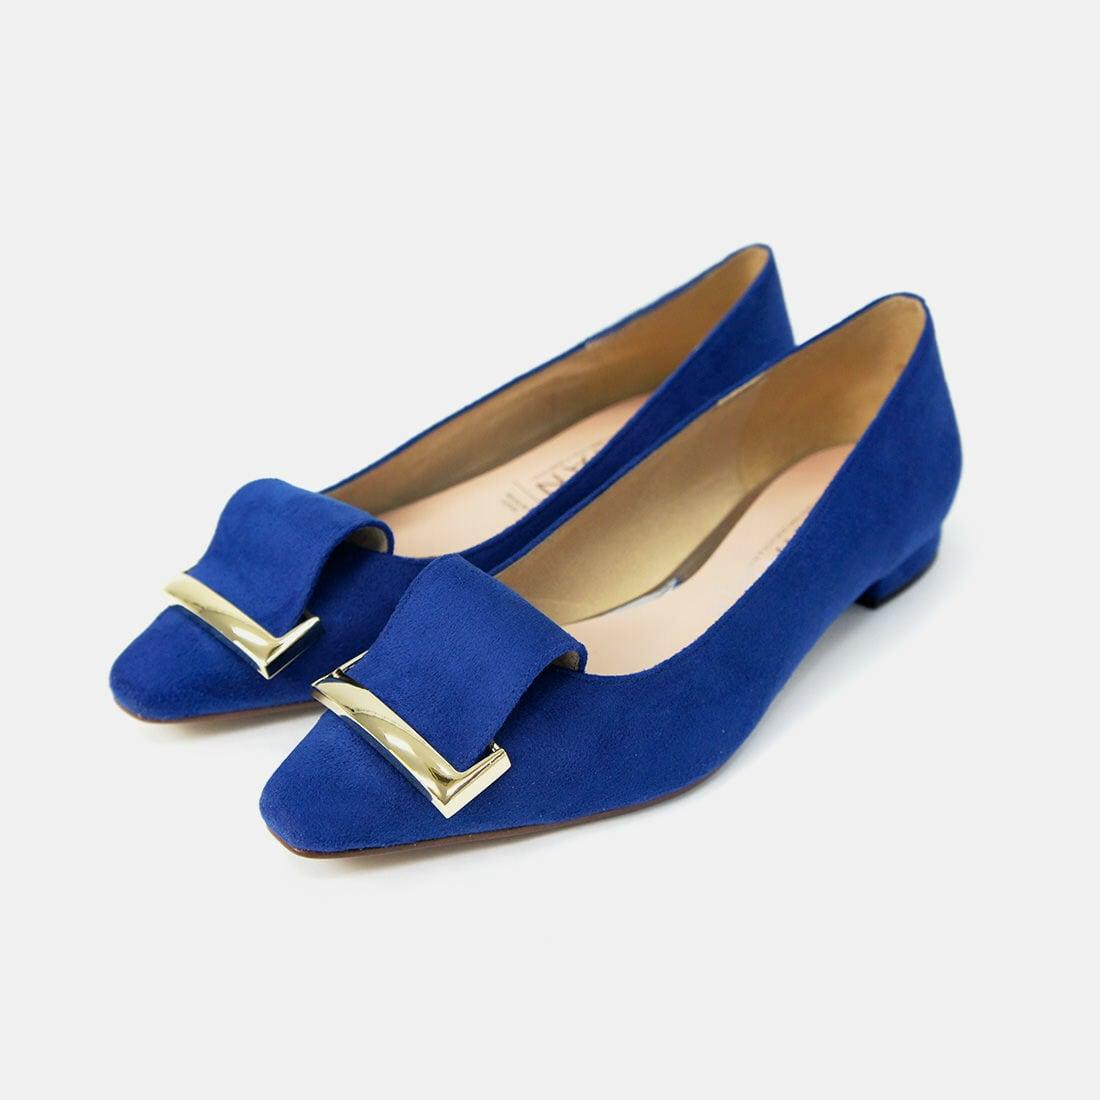 リボンバックル付き スクエアトゥ フラットシューズ:ブルーS 23.0cm (BA041FL)